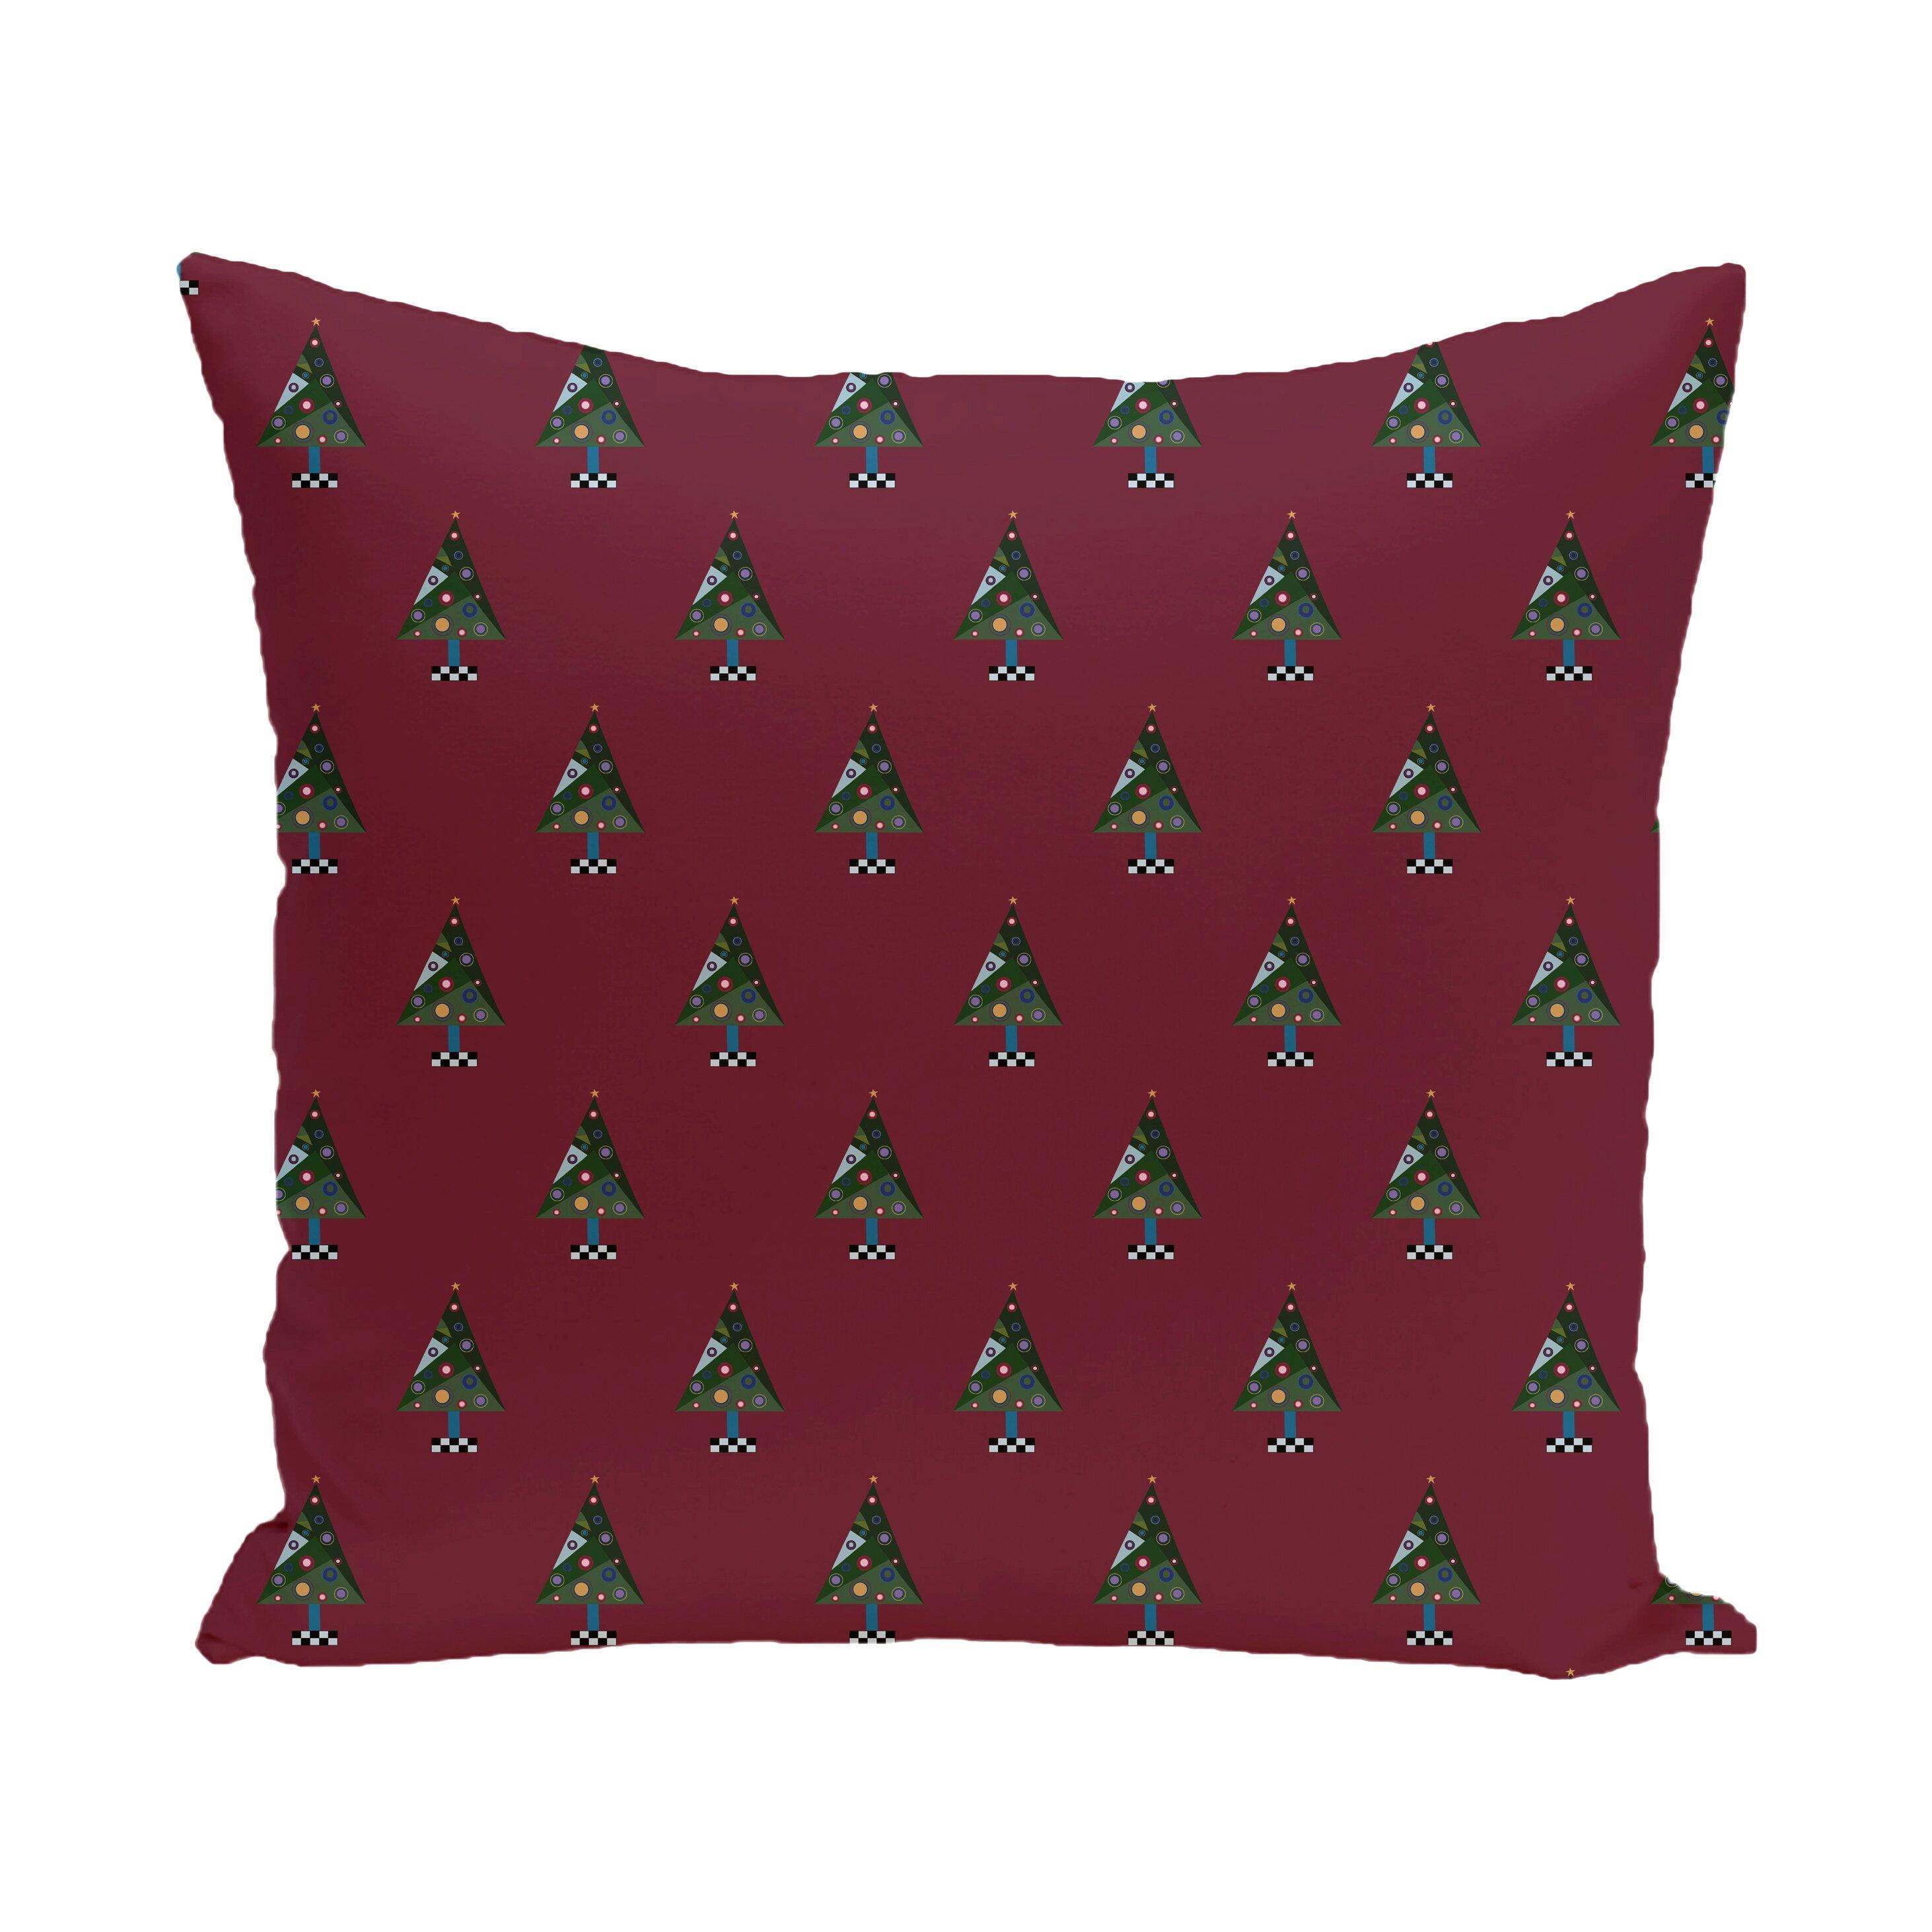 Crazy Christmas Decorative Holiday Print Throw Pillow Wayfair